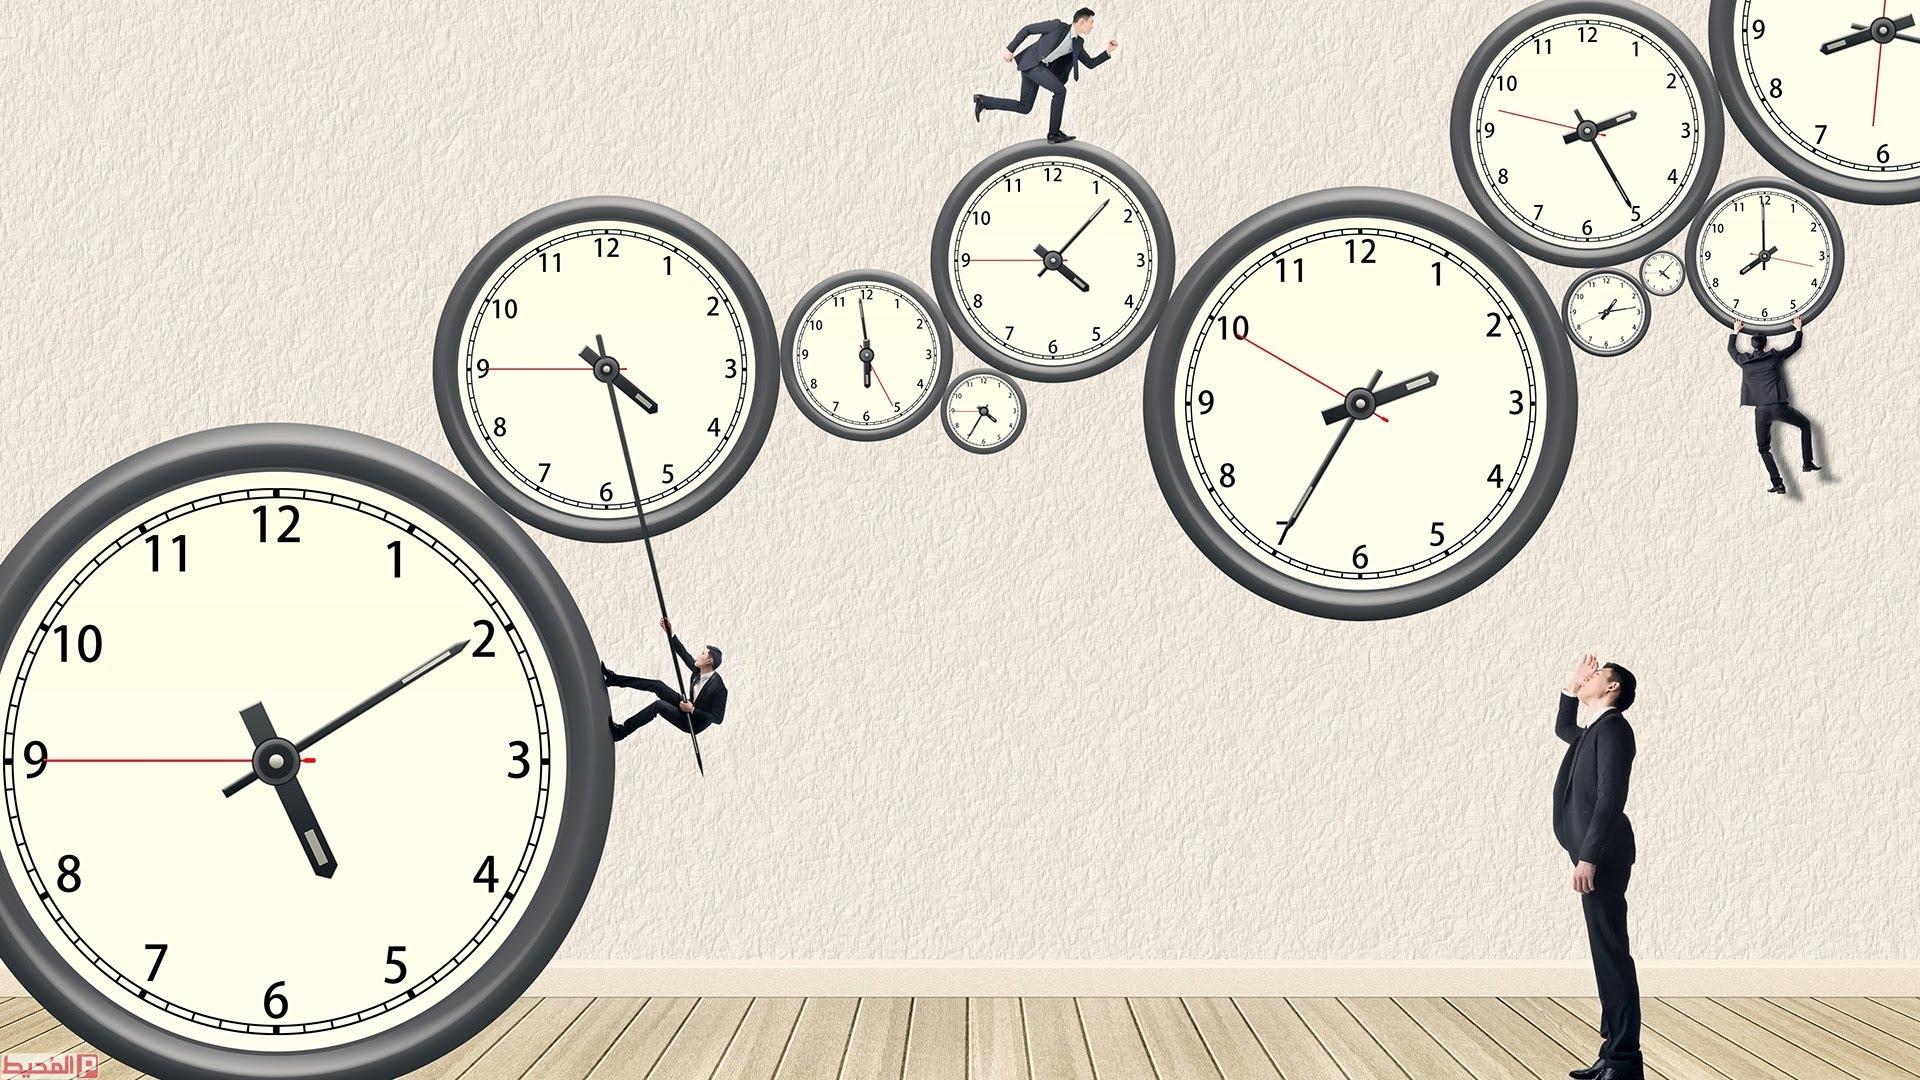 اوقات الفراغ